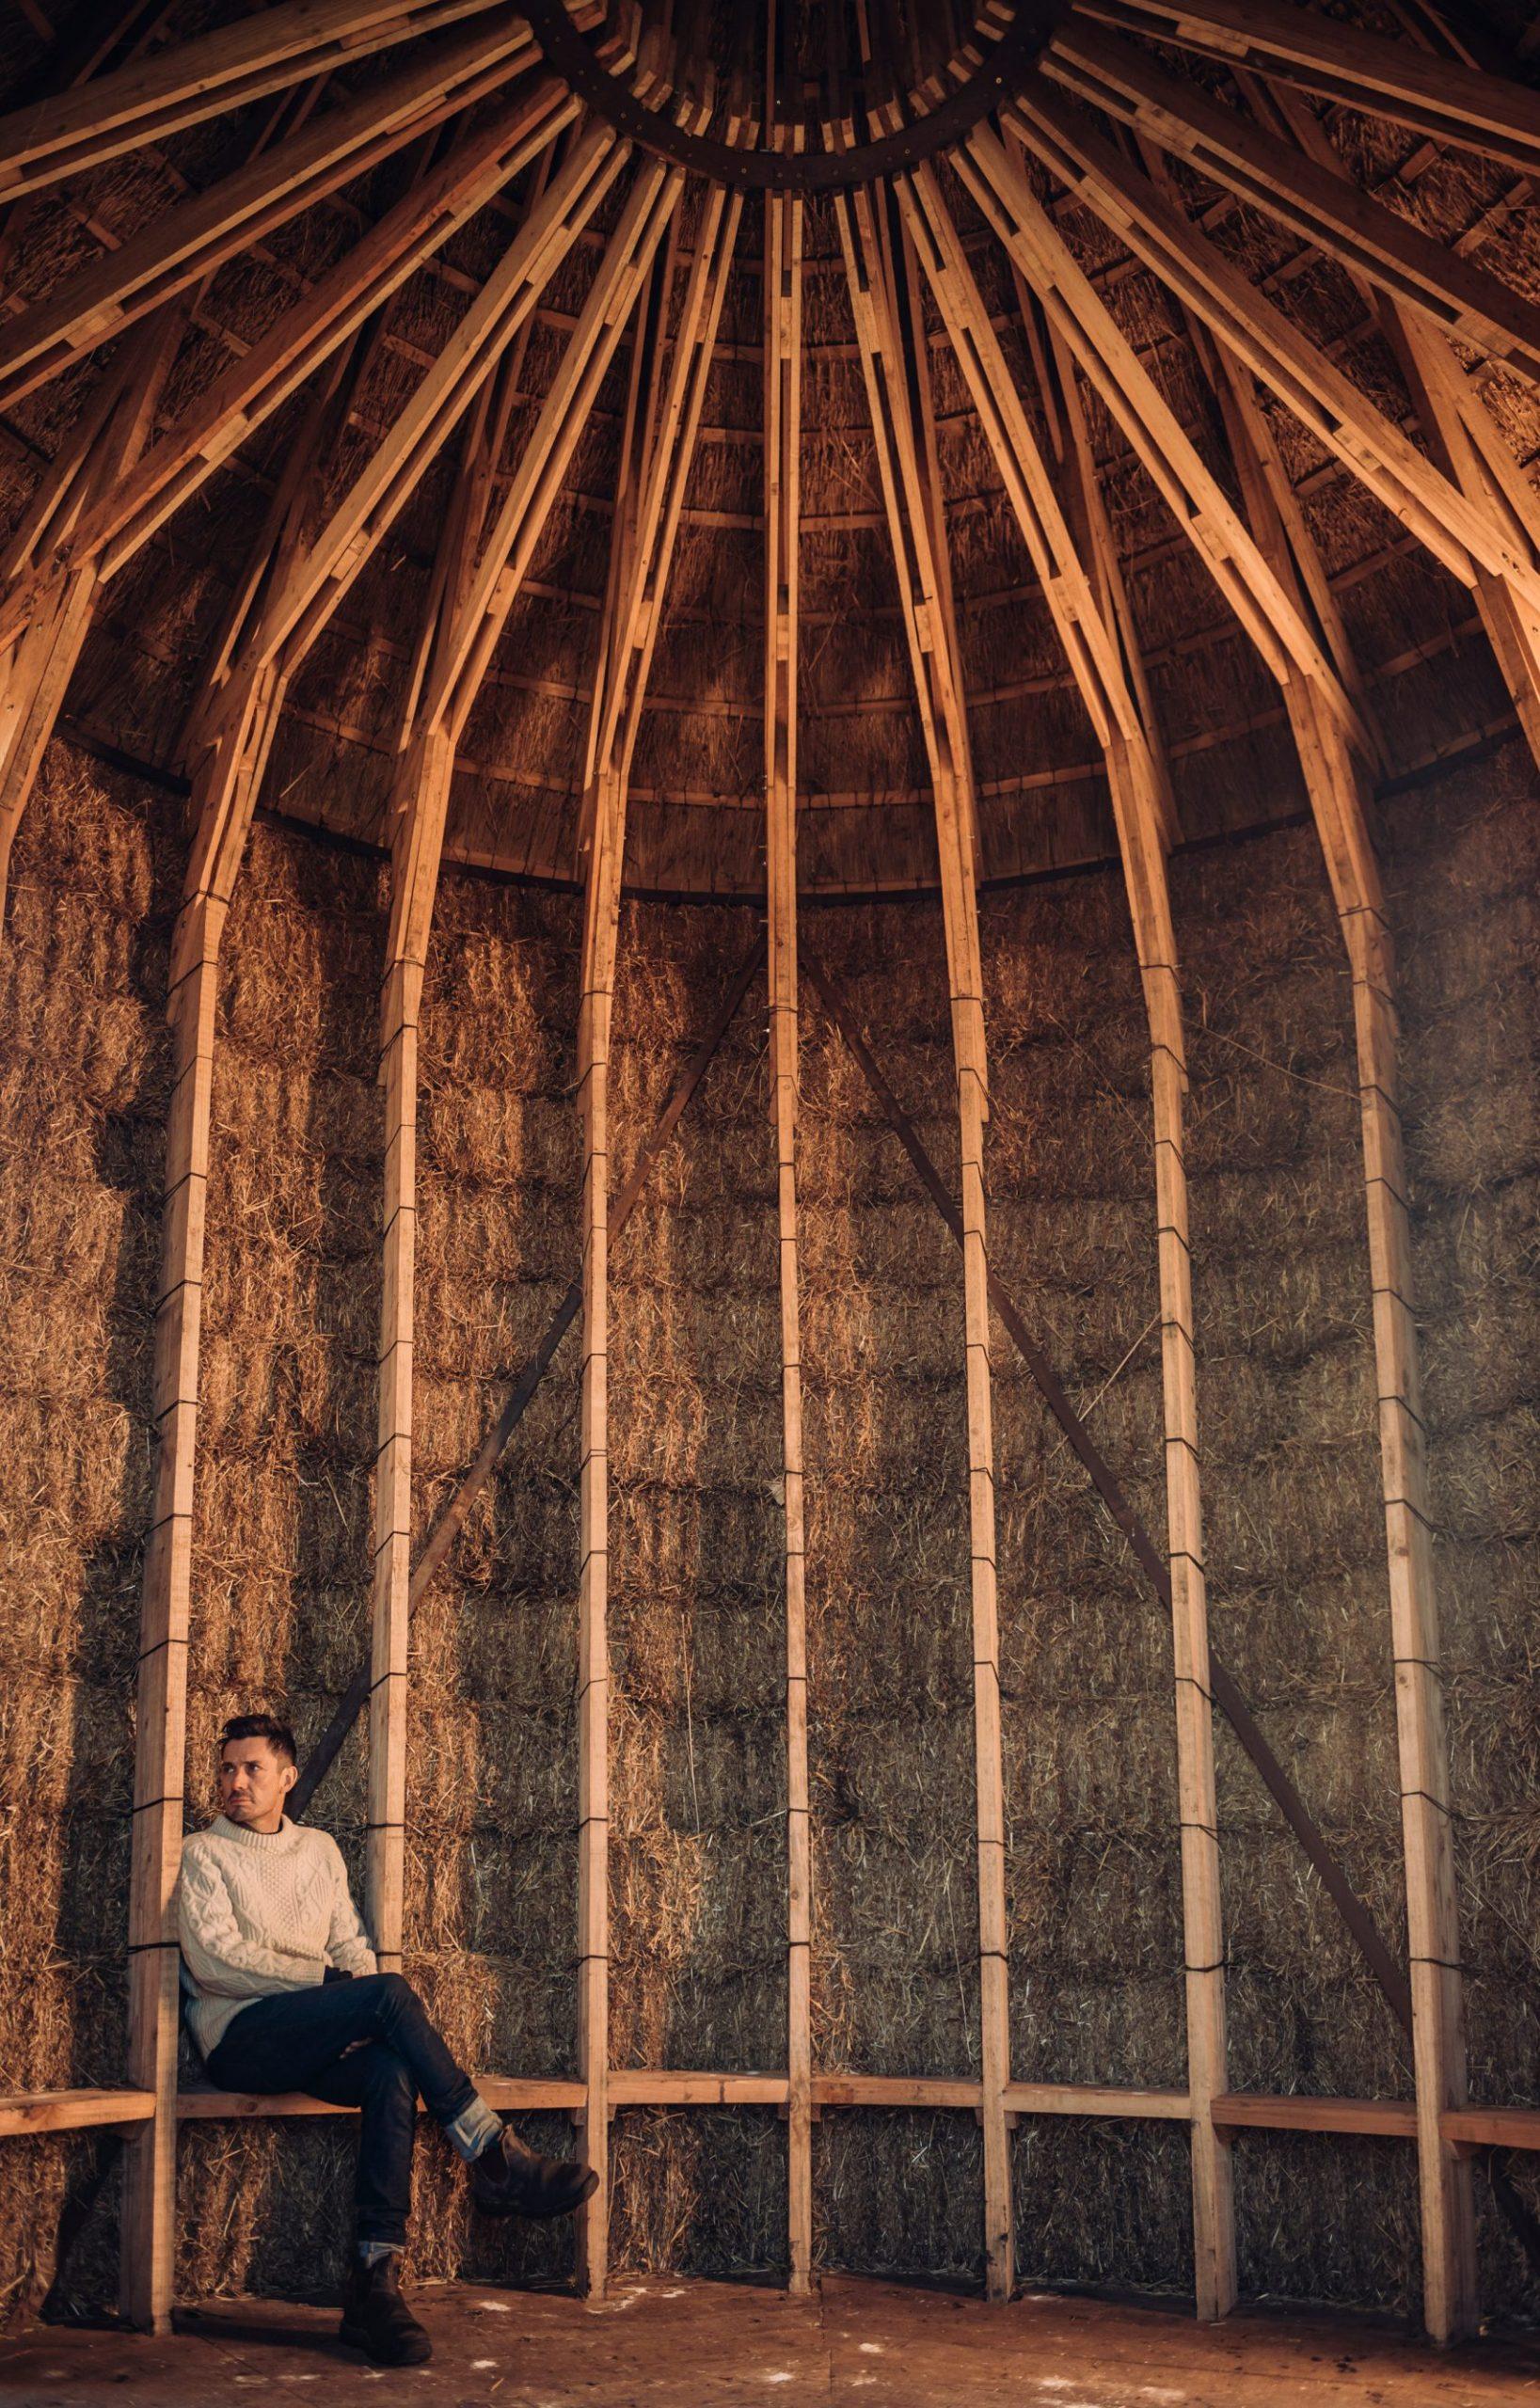 Strohhuette von Innen - Innendesign der Naturhuette